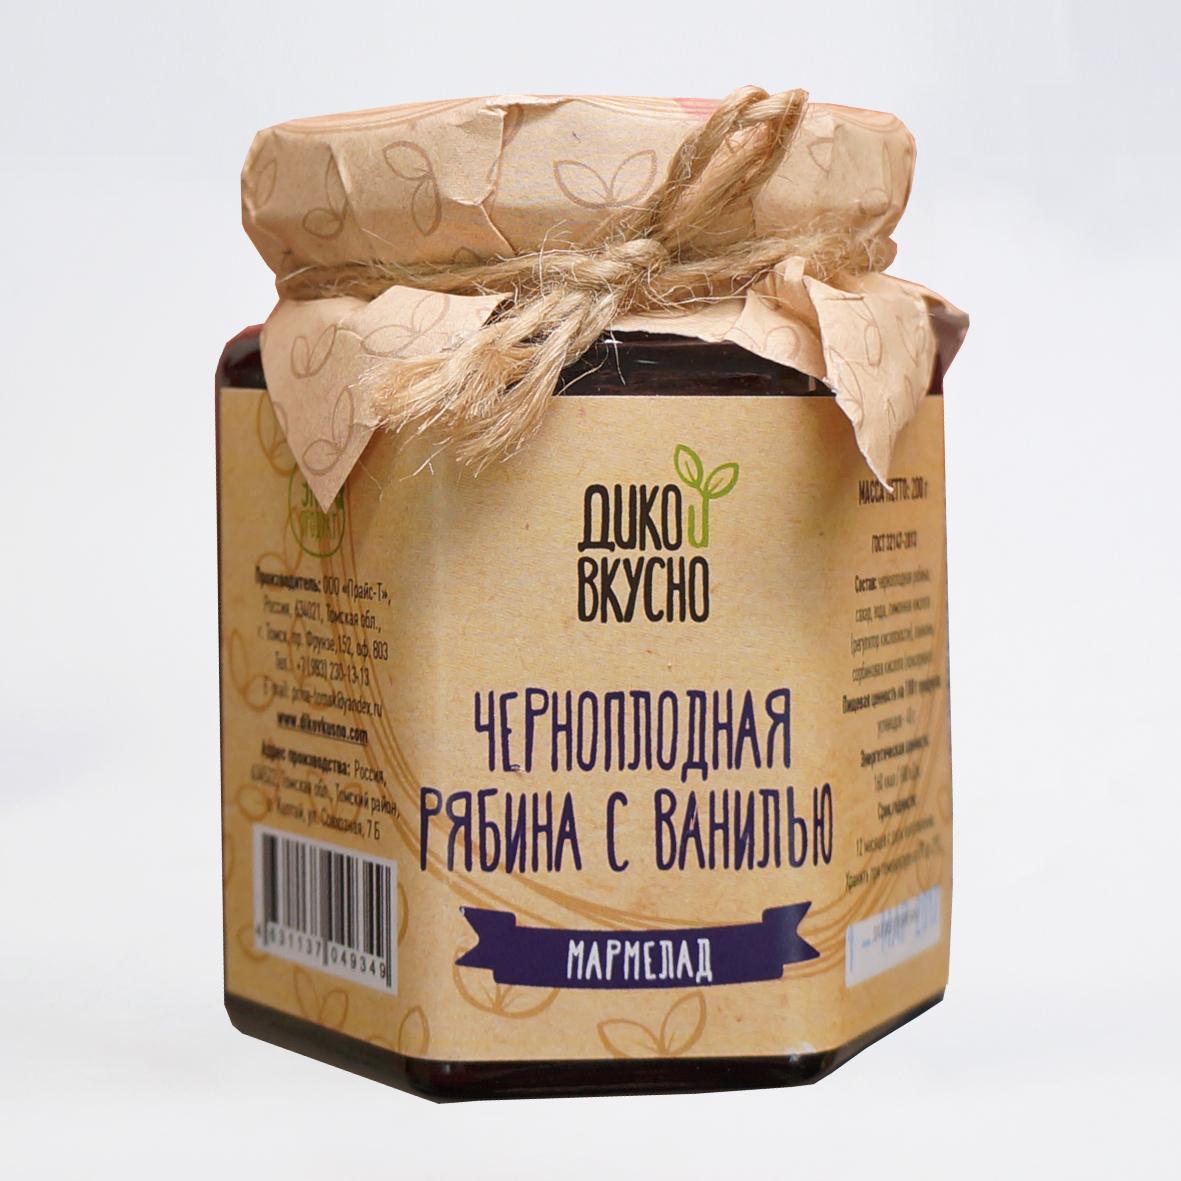 Мармелад черноплодная рябина с ванилью 200 гр